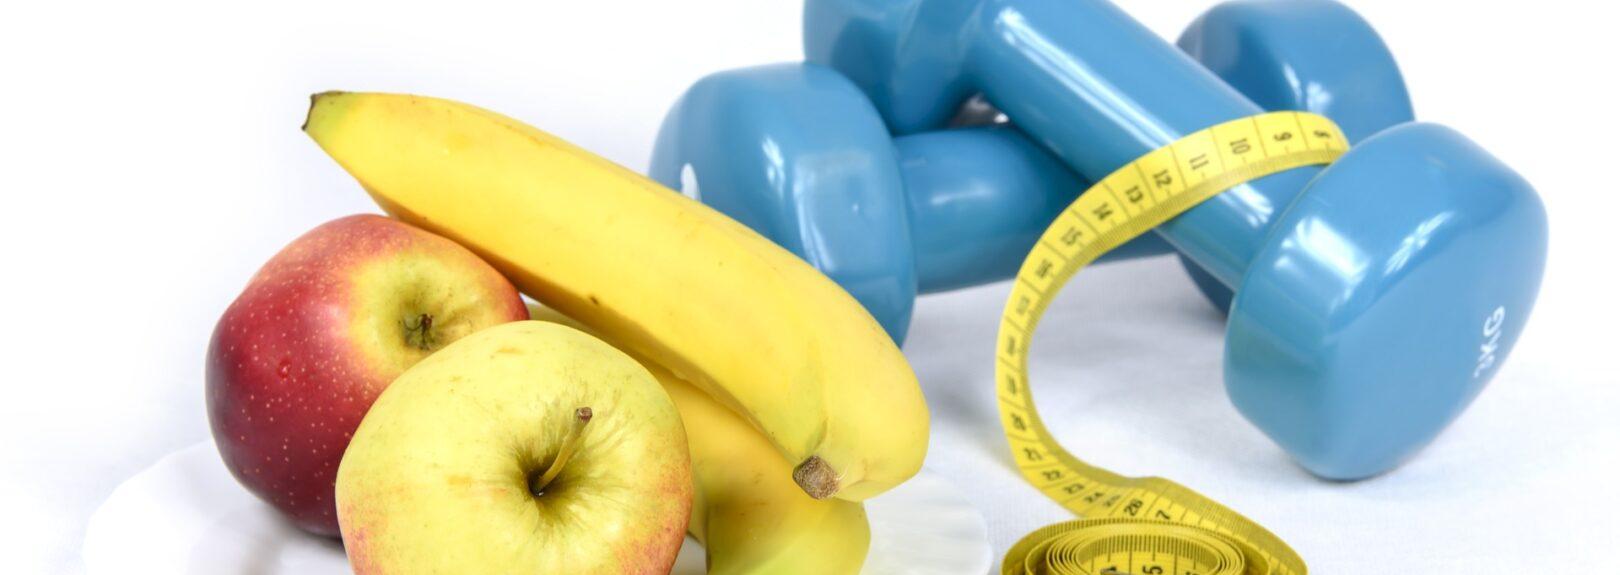 Redukční dieta a cvičení